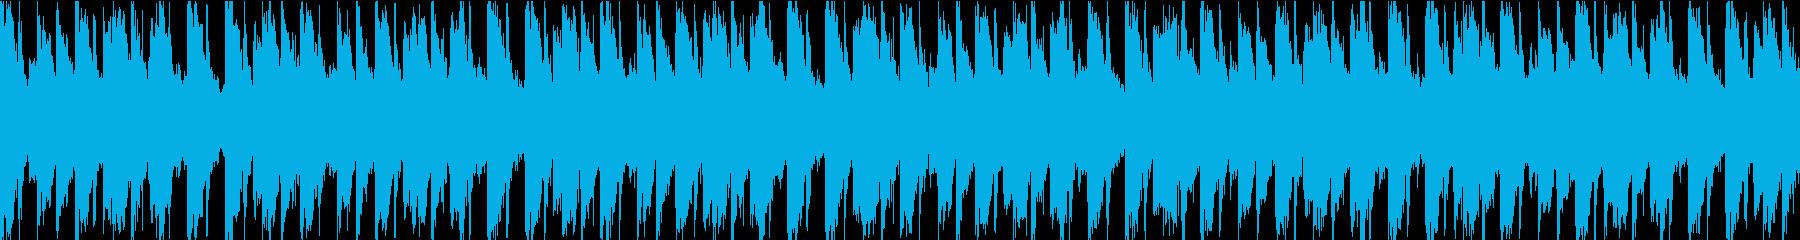 伝染性のシンセパターンとポジティブ...の再生済みの波形